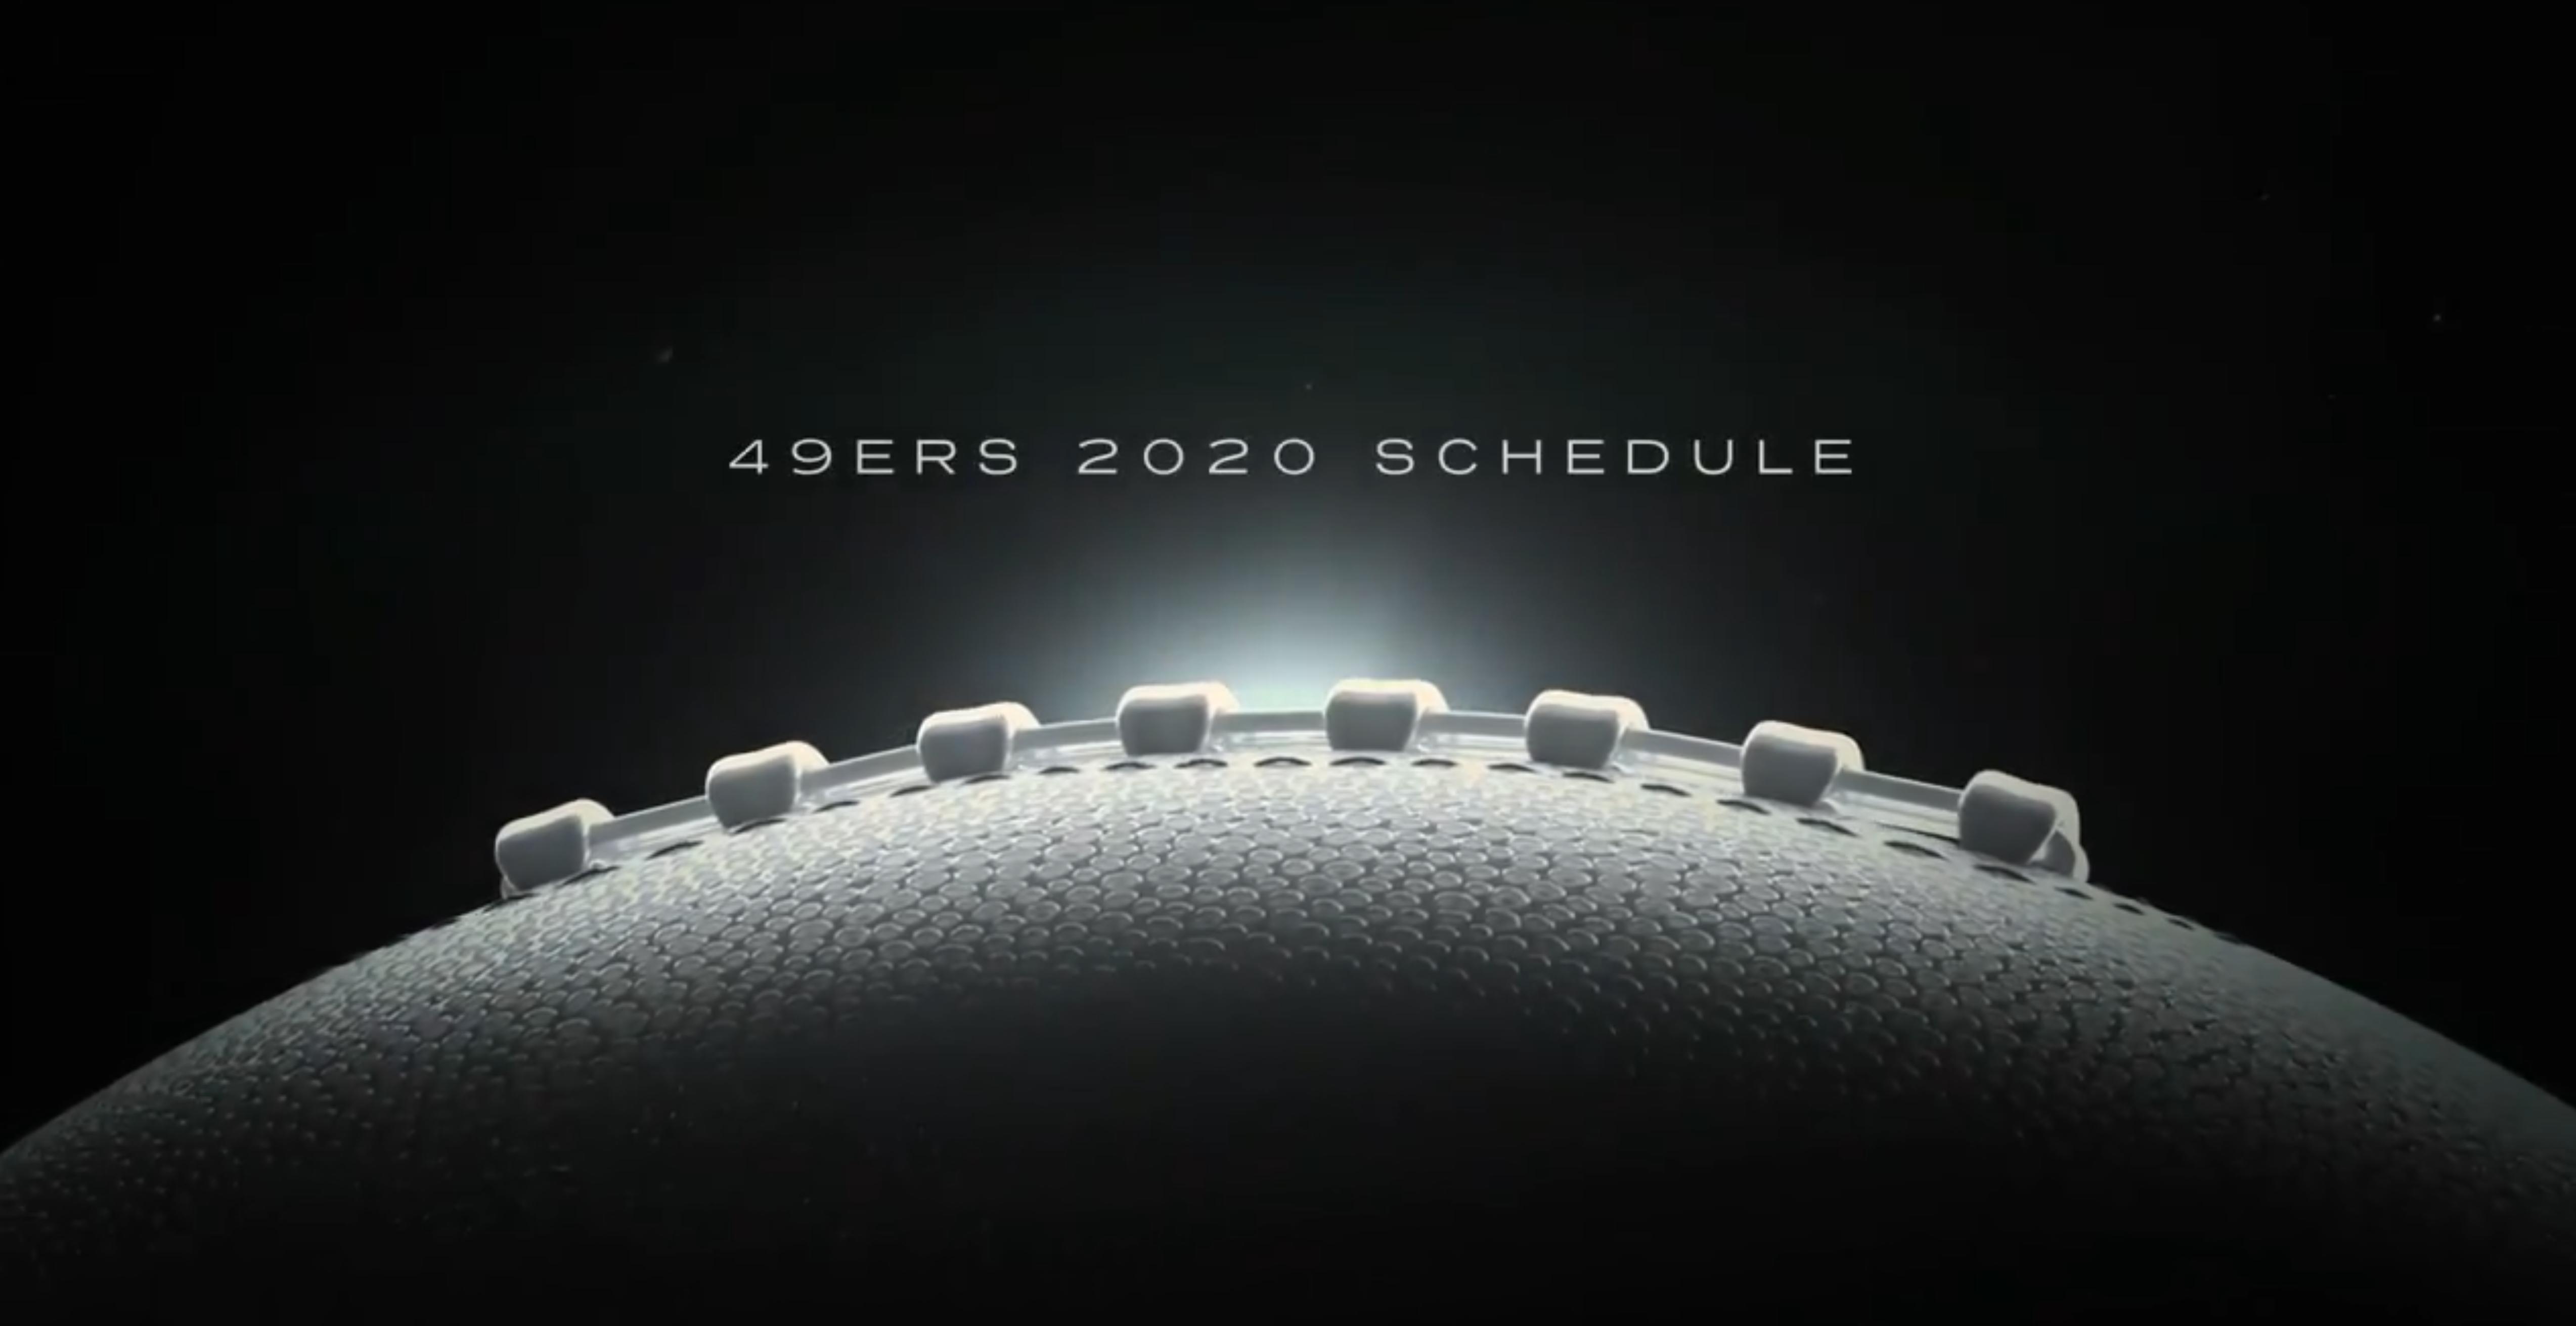 49ers schedule